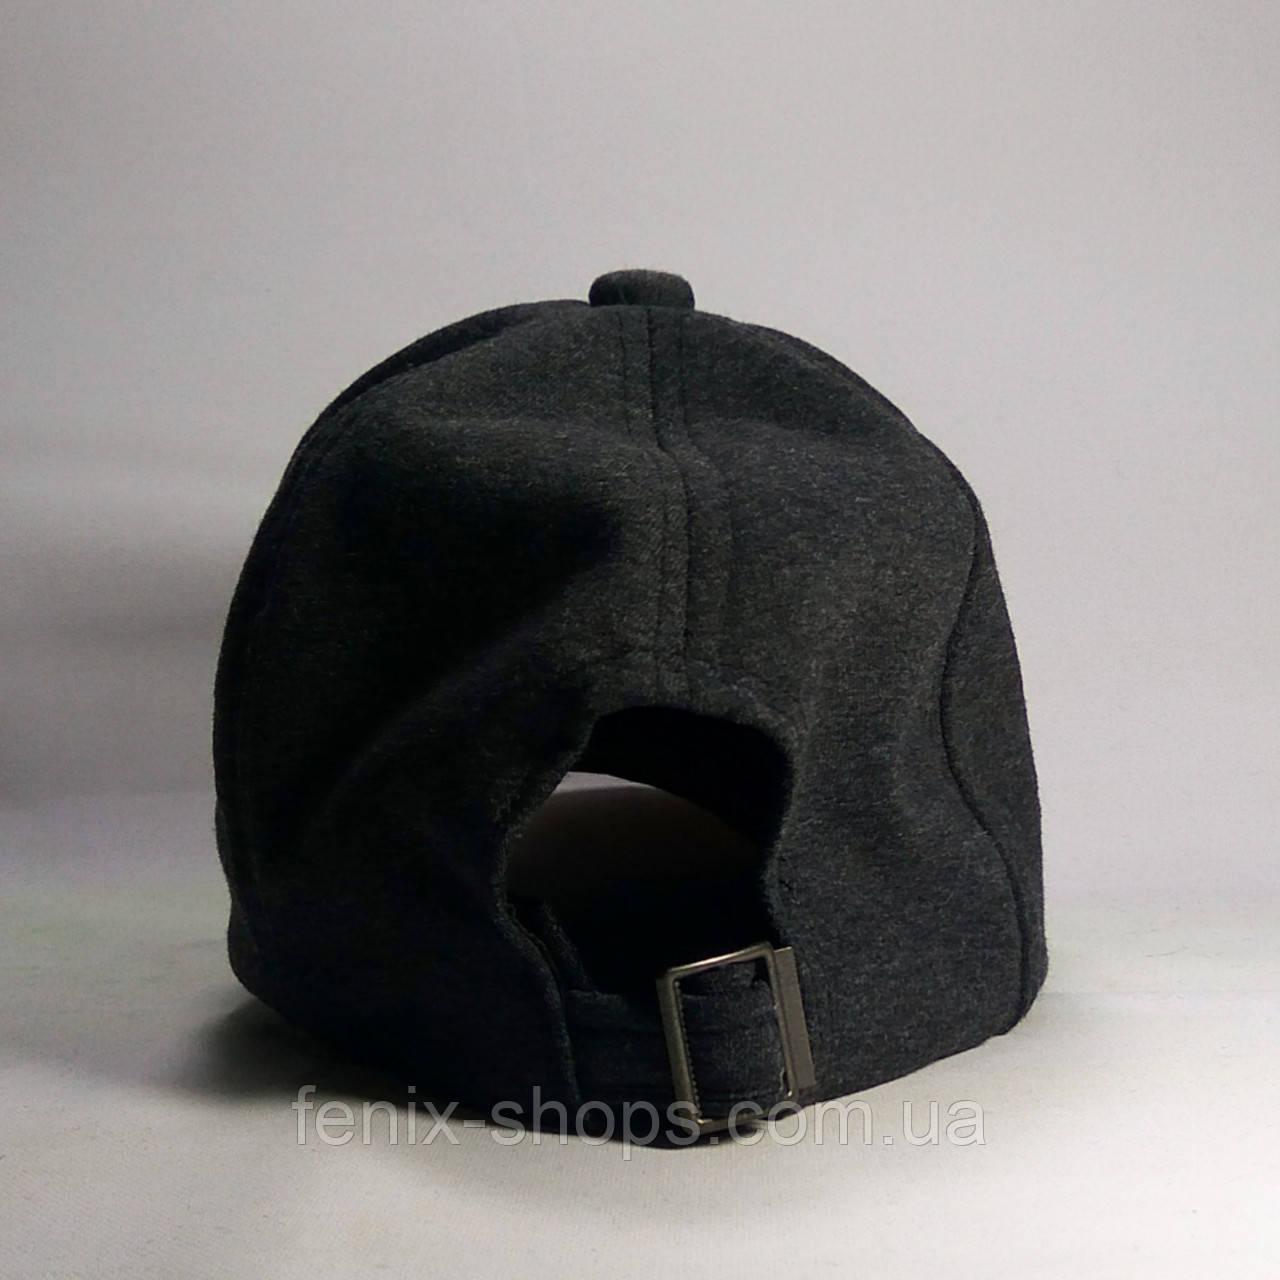 f7e57ea4 Кепка Nike бейсболка Найк, цена 200 грн., купить в Одессе — Prom.ua  (ID#844629738)